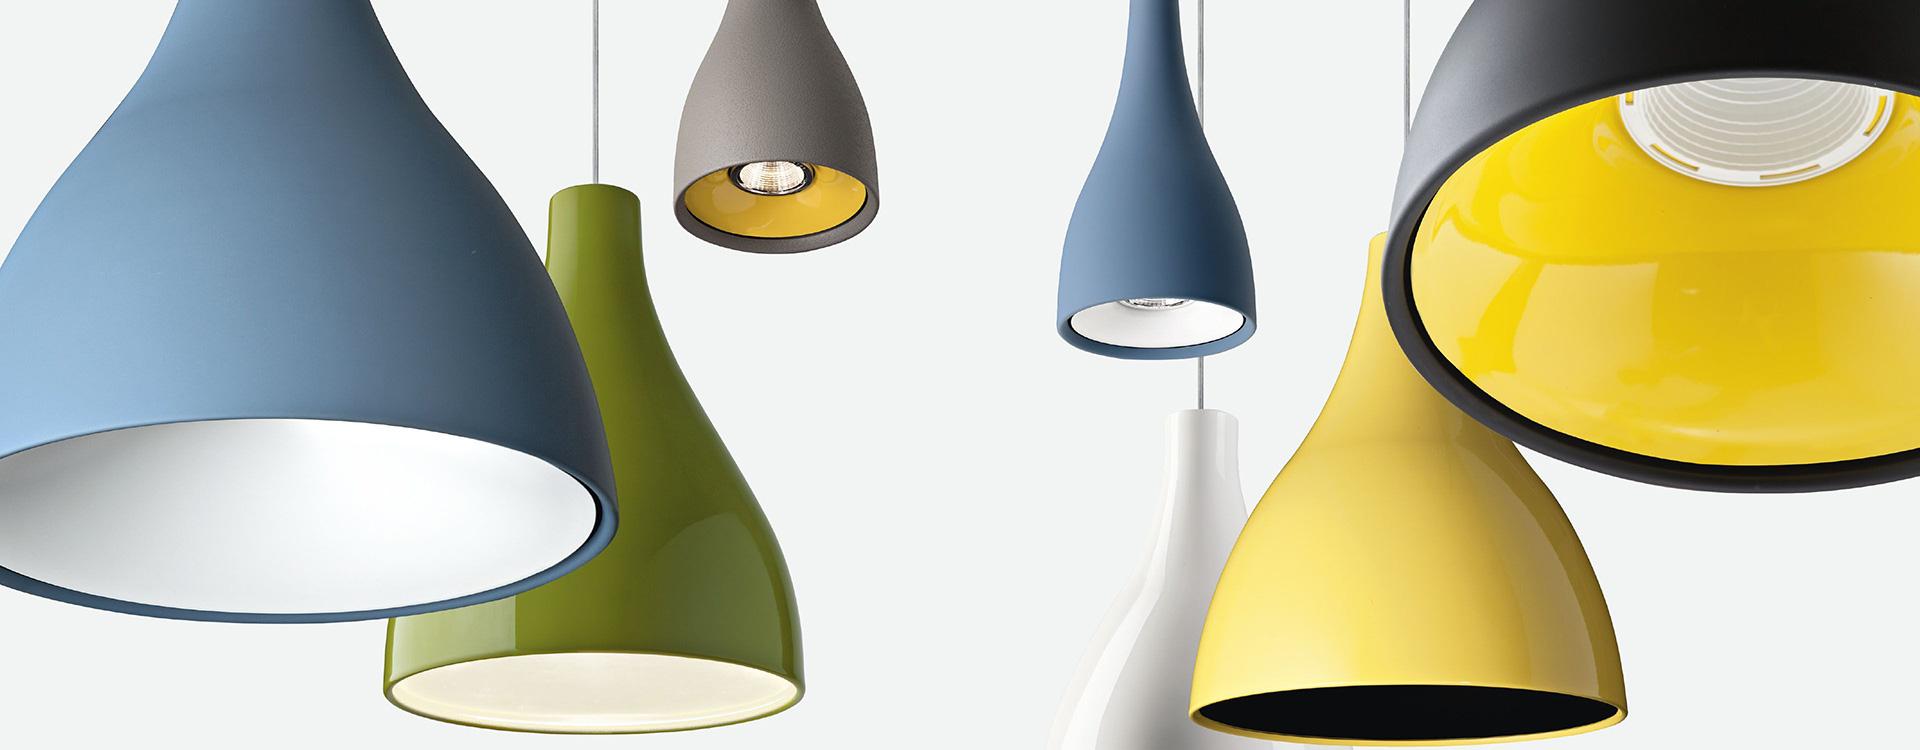 Centroluce illuminazione illuminiamo il tuo mondo for Mondo convenienza illuminazione